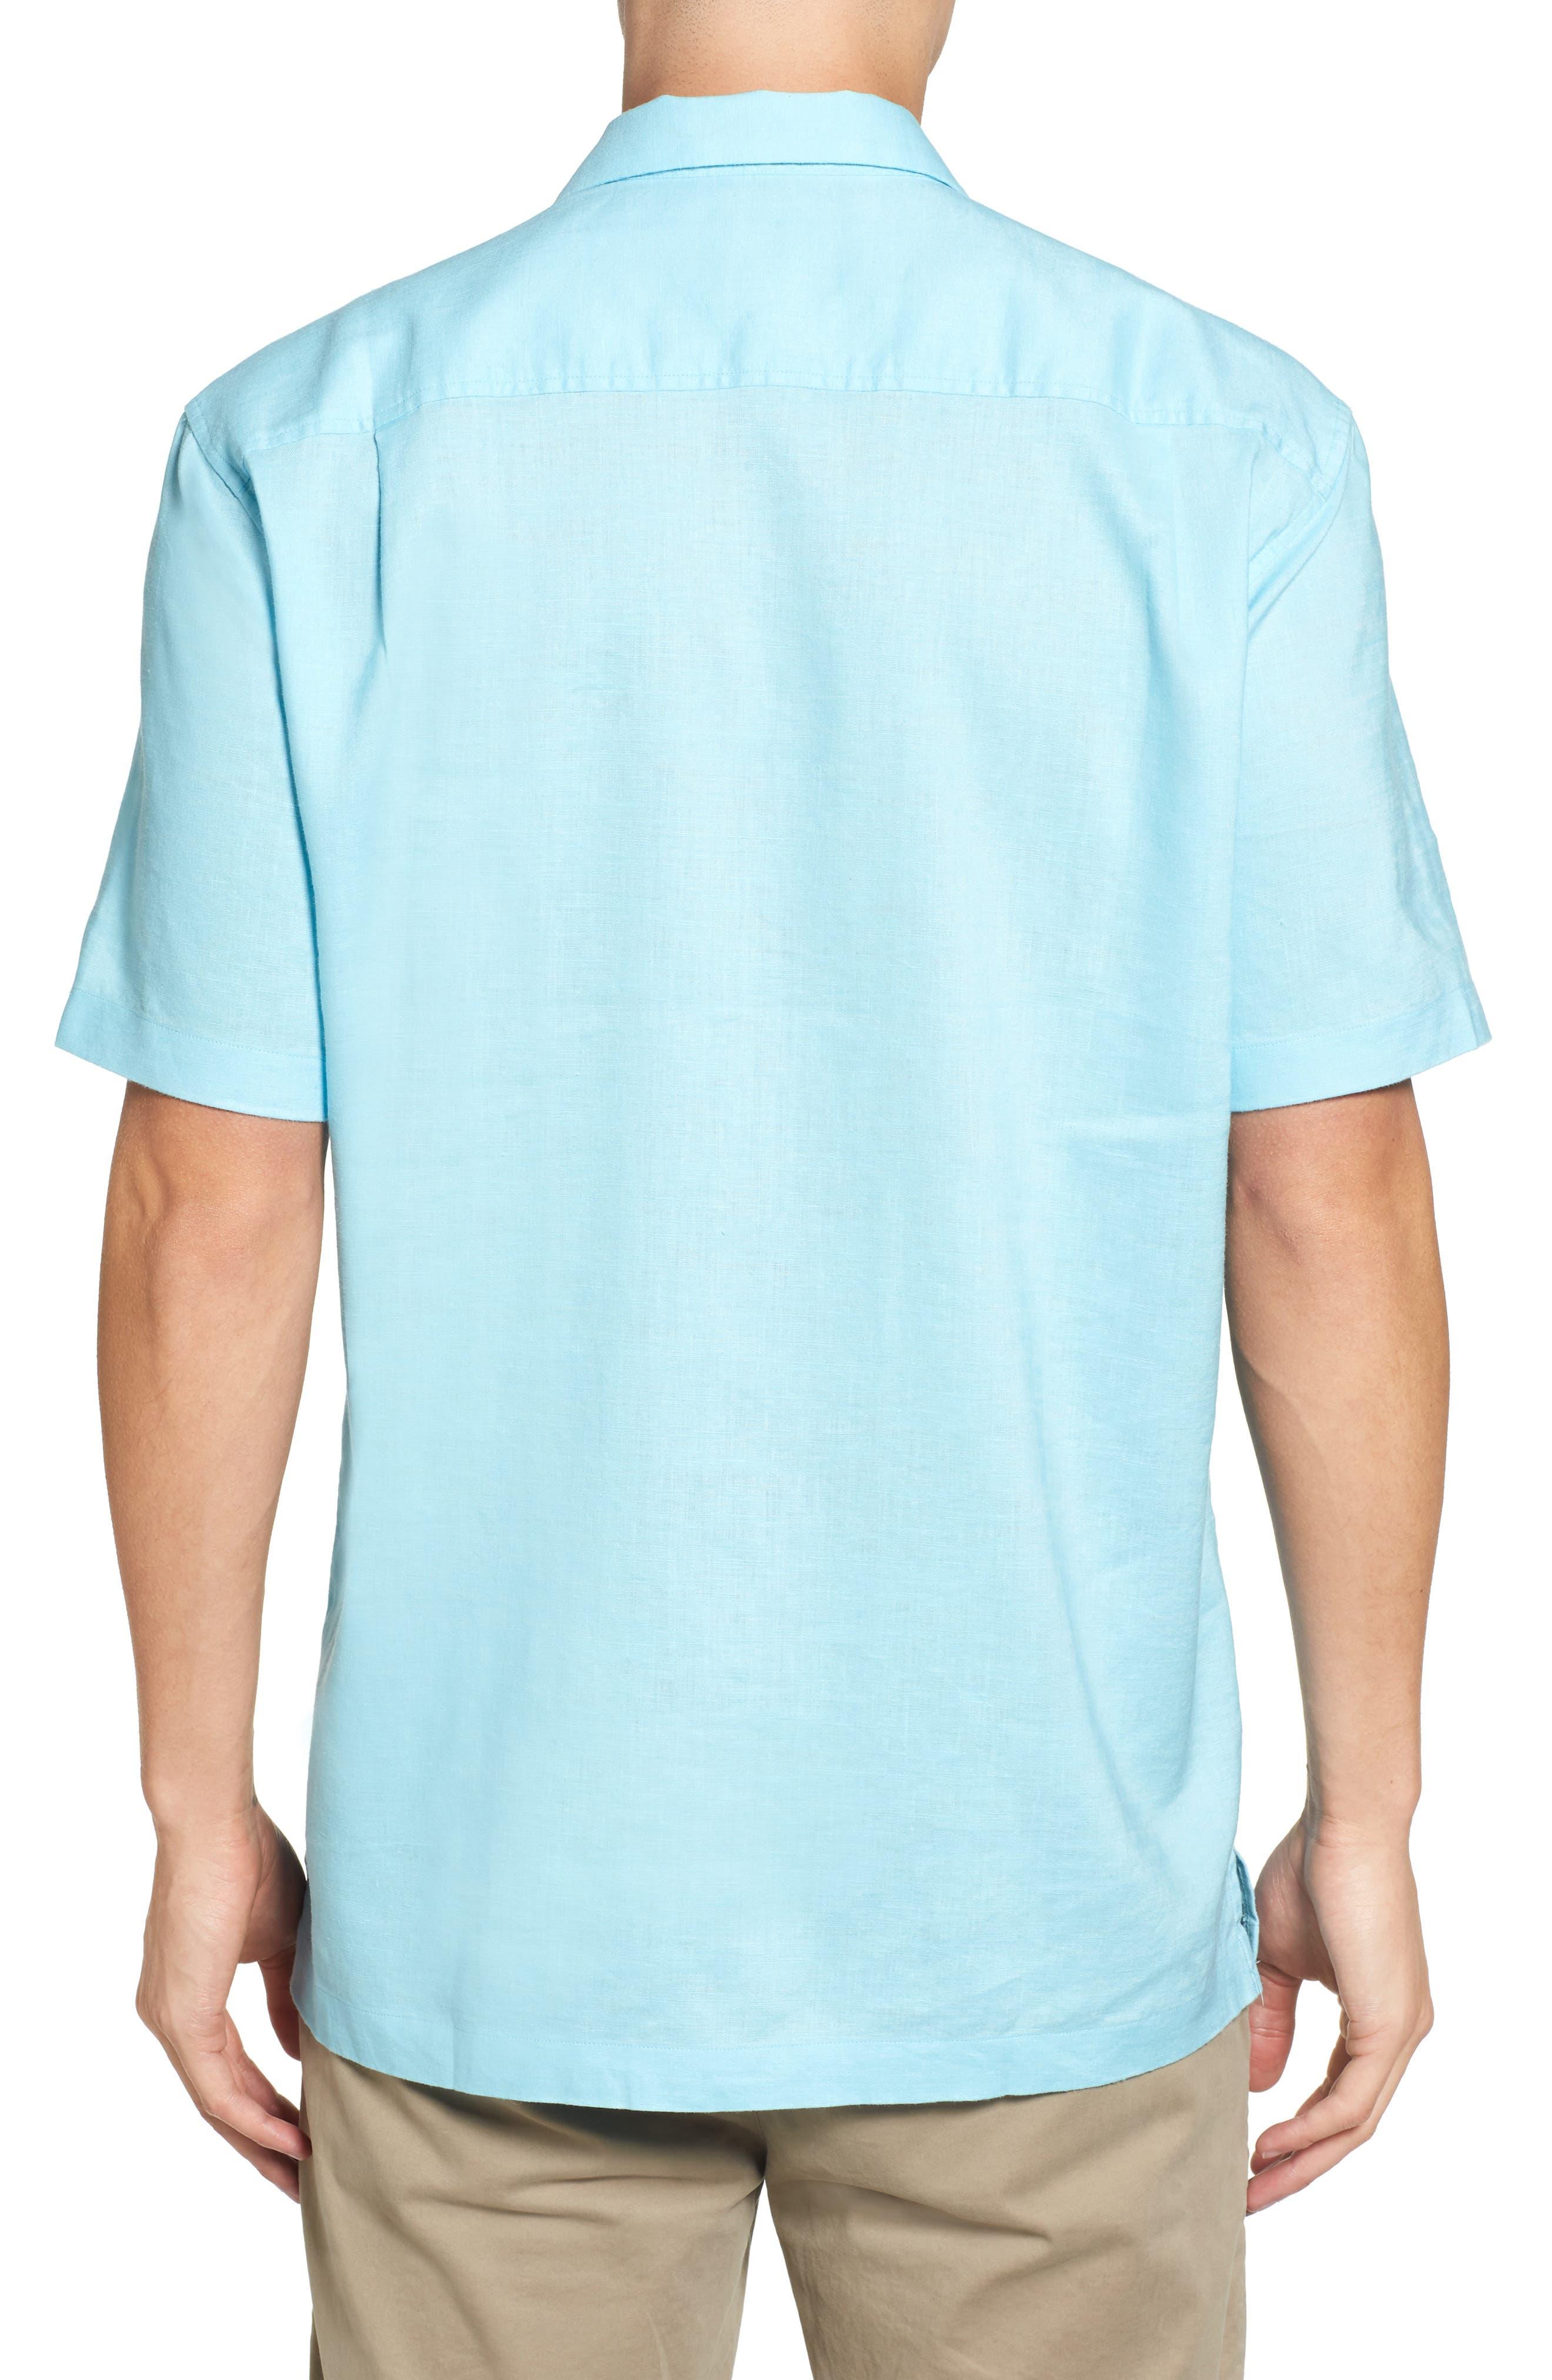 Monaco Tides Standard Fit Linen Blend Camp Shirt,                             Alternate thumbnail 2, color,                             Graceful Sea